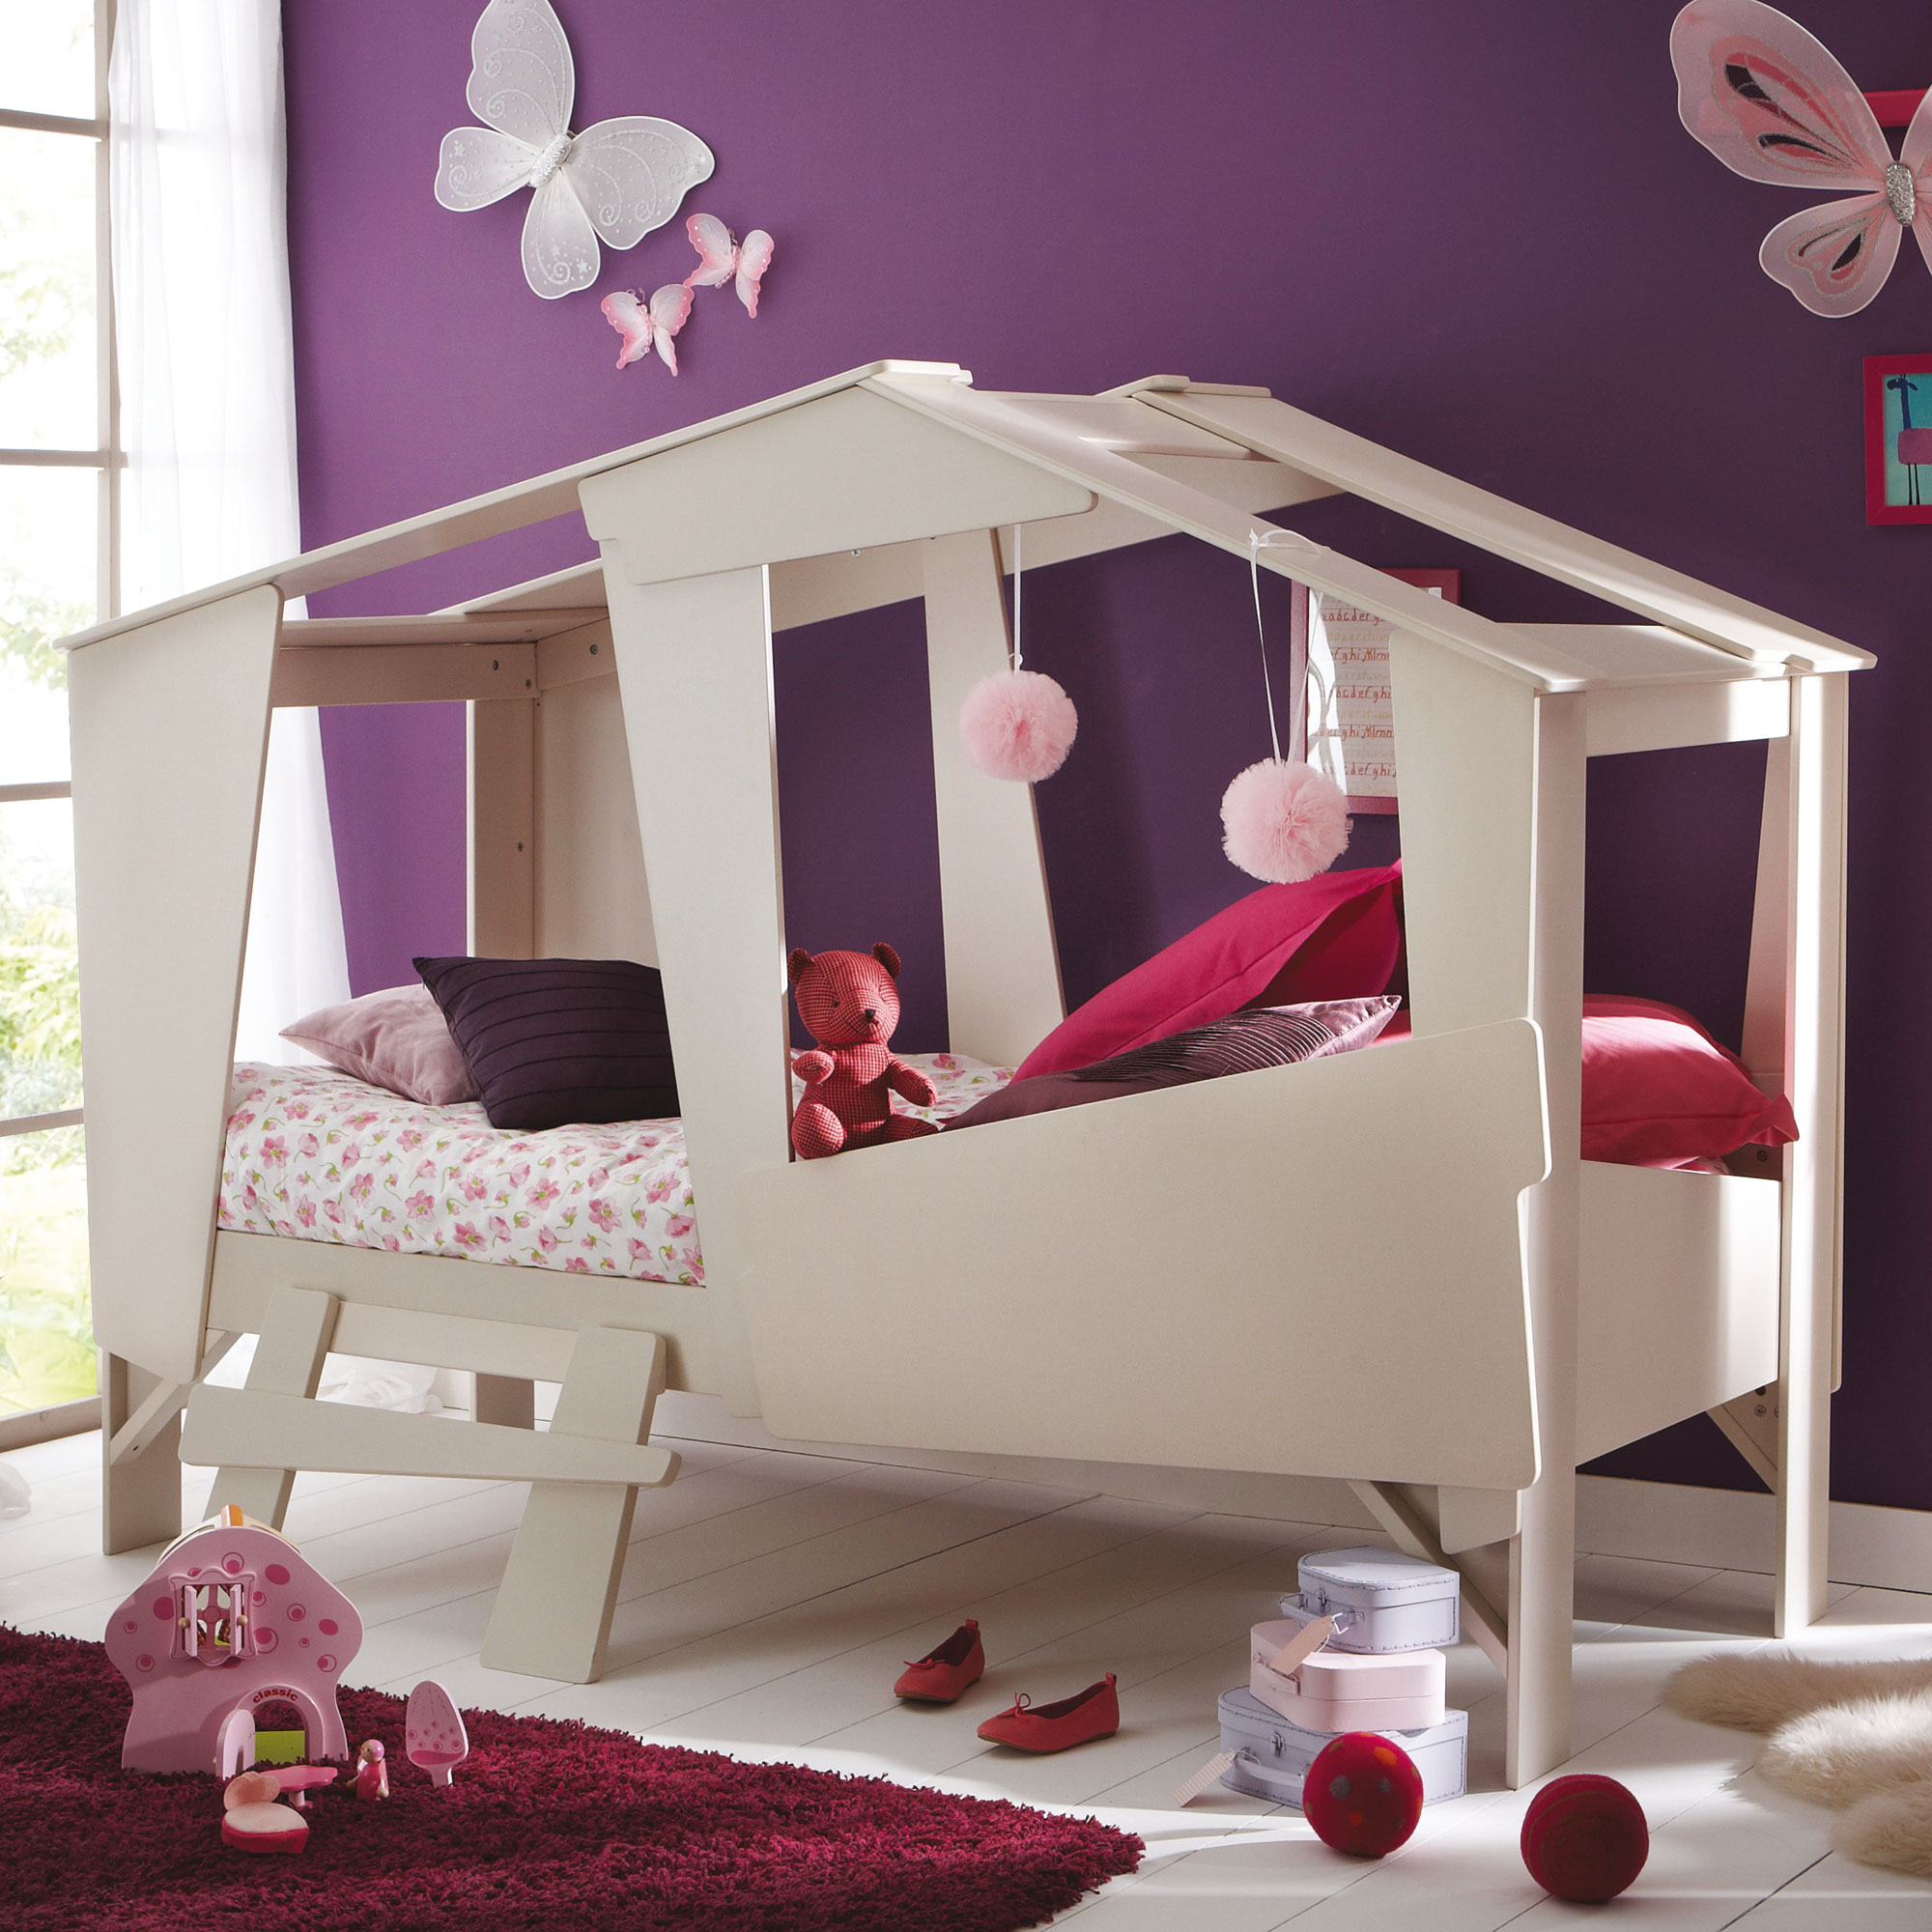 Детская 10 кв м с кроватью домиком